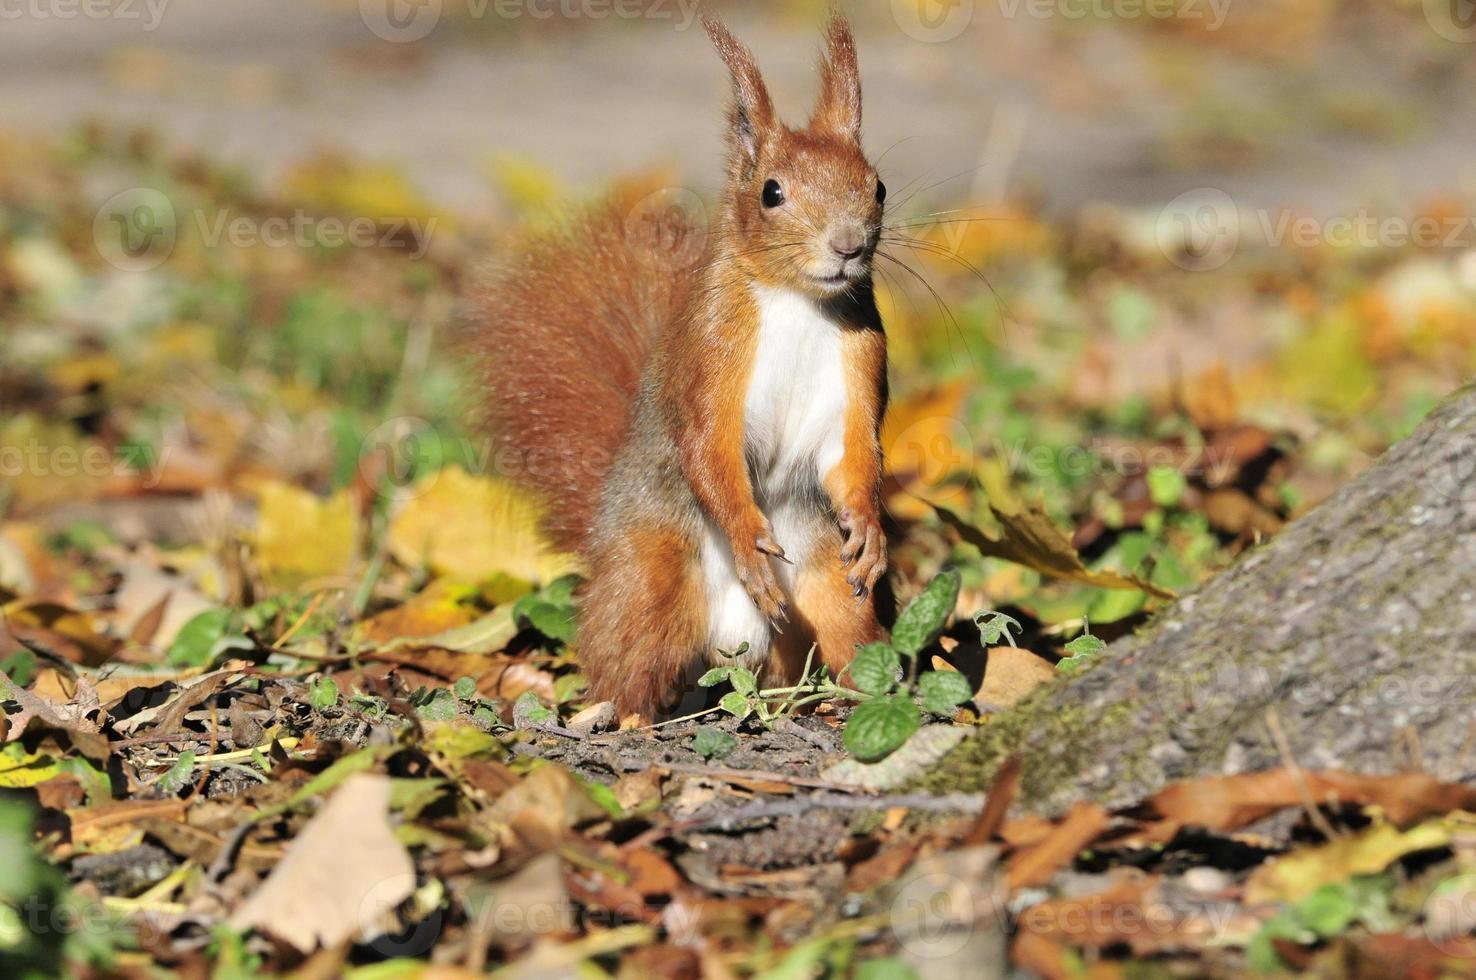 ardilla - un roedor de la familia de las ardillas. foto